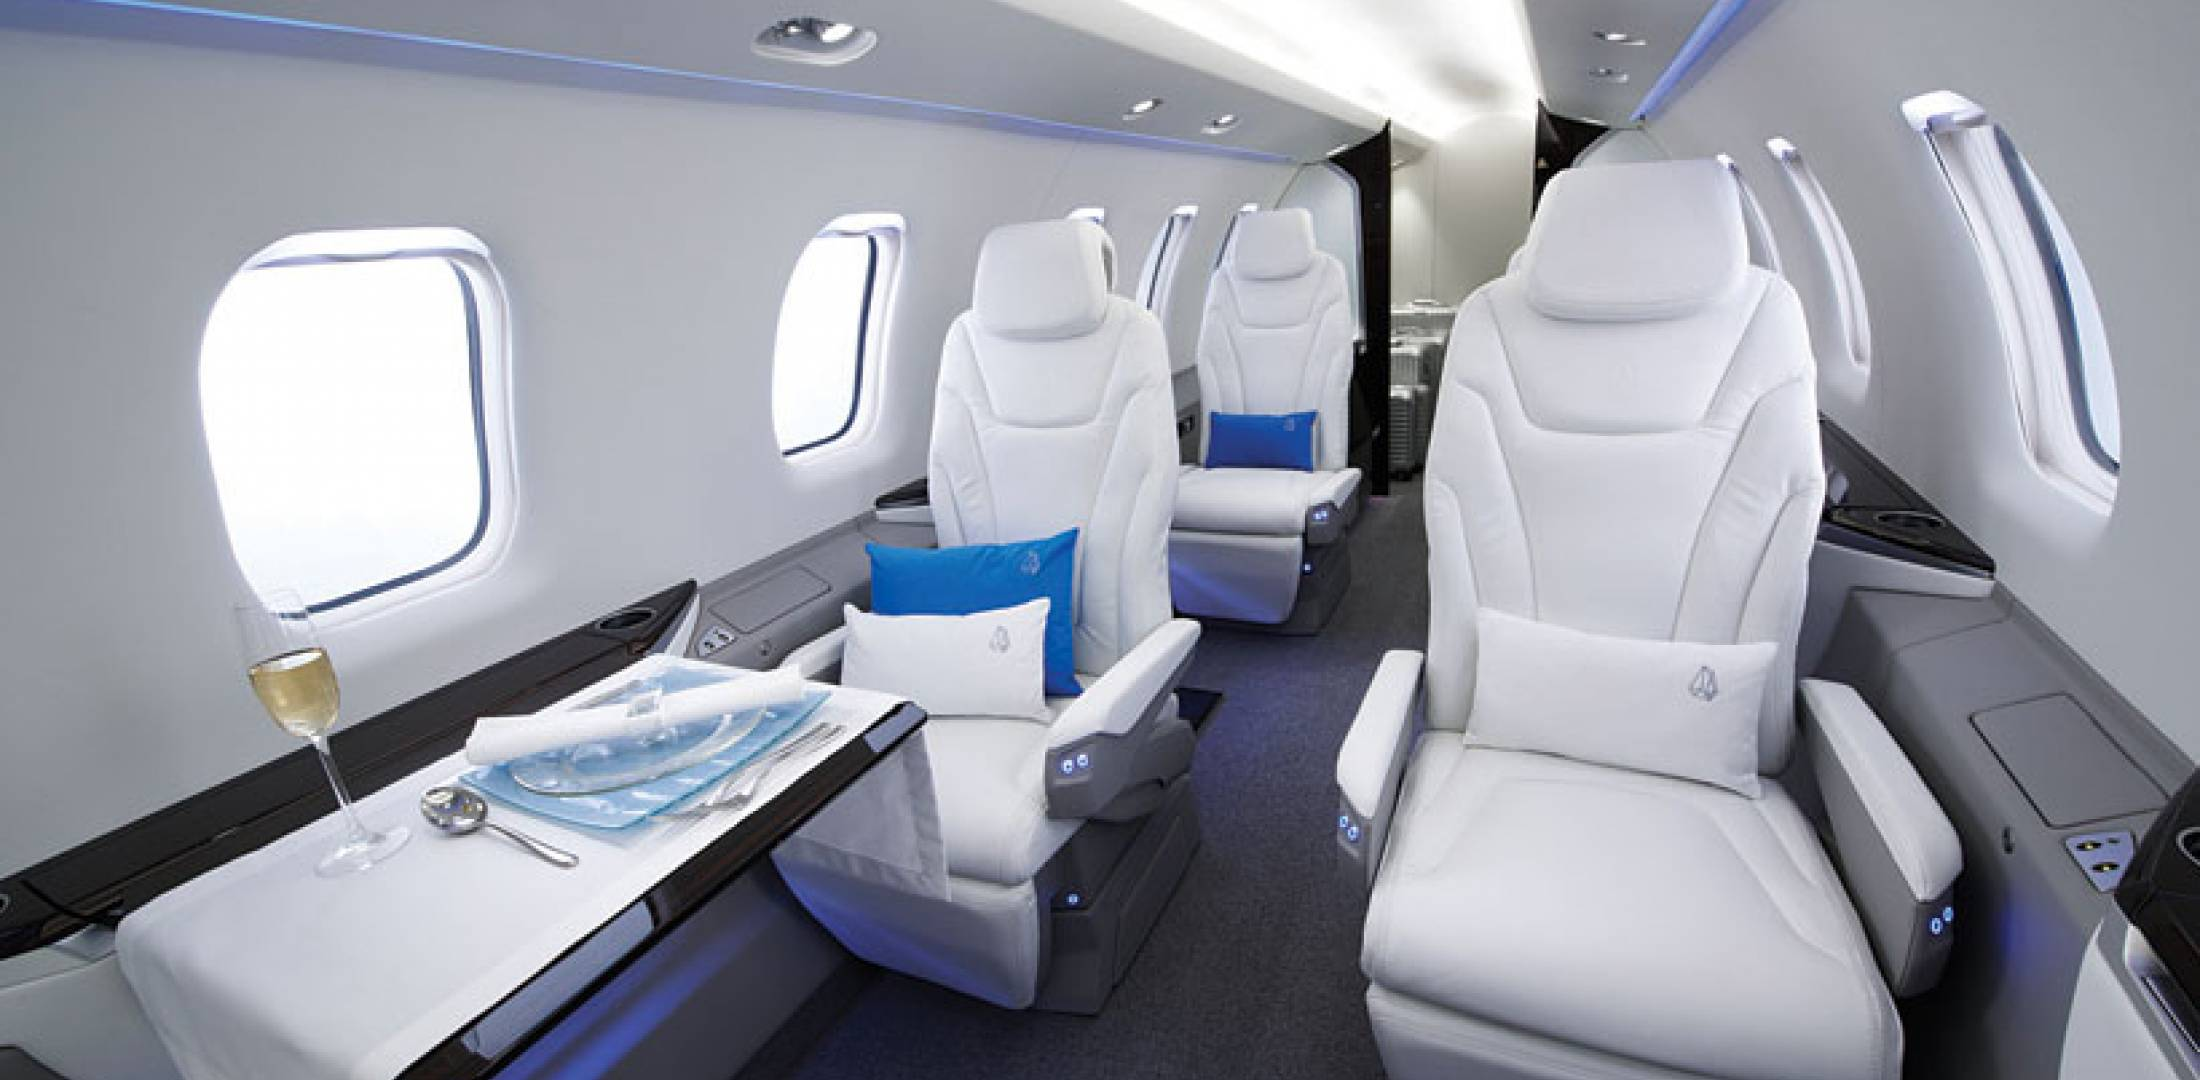 791cpc-24-cabin-11.jpg